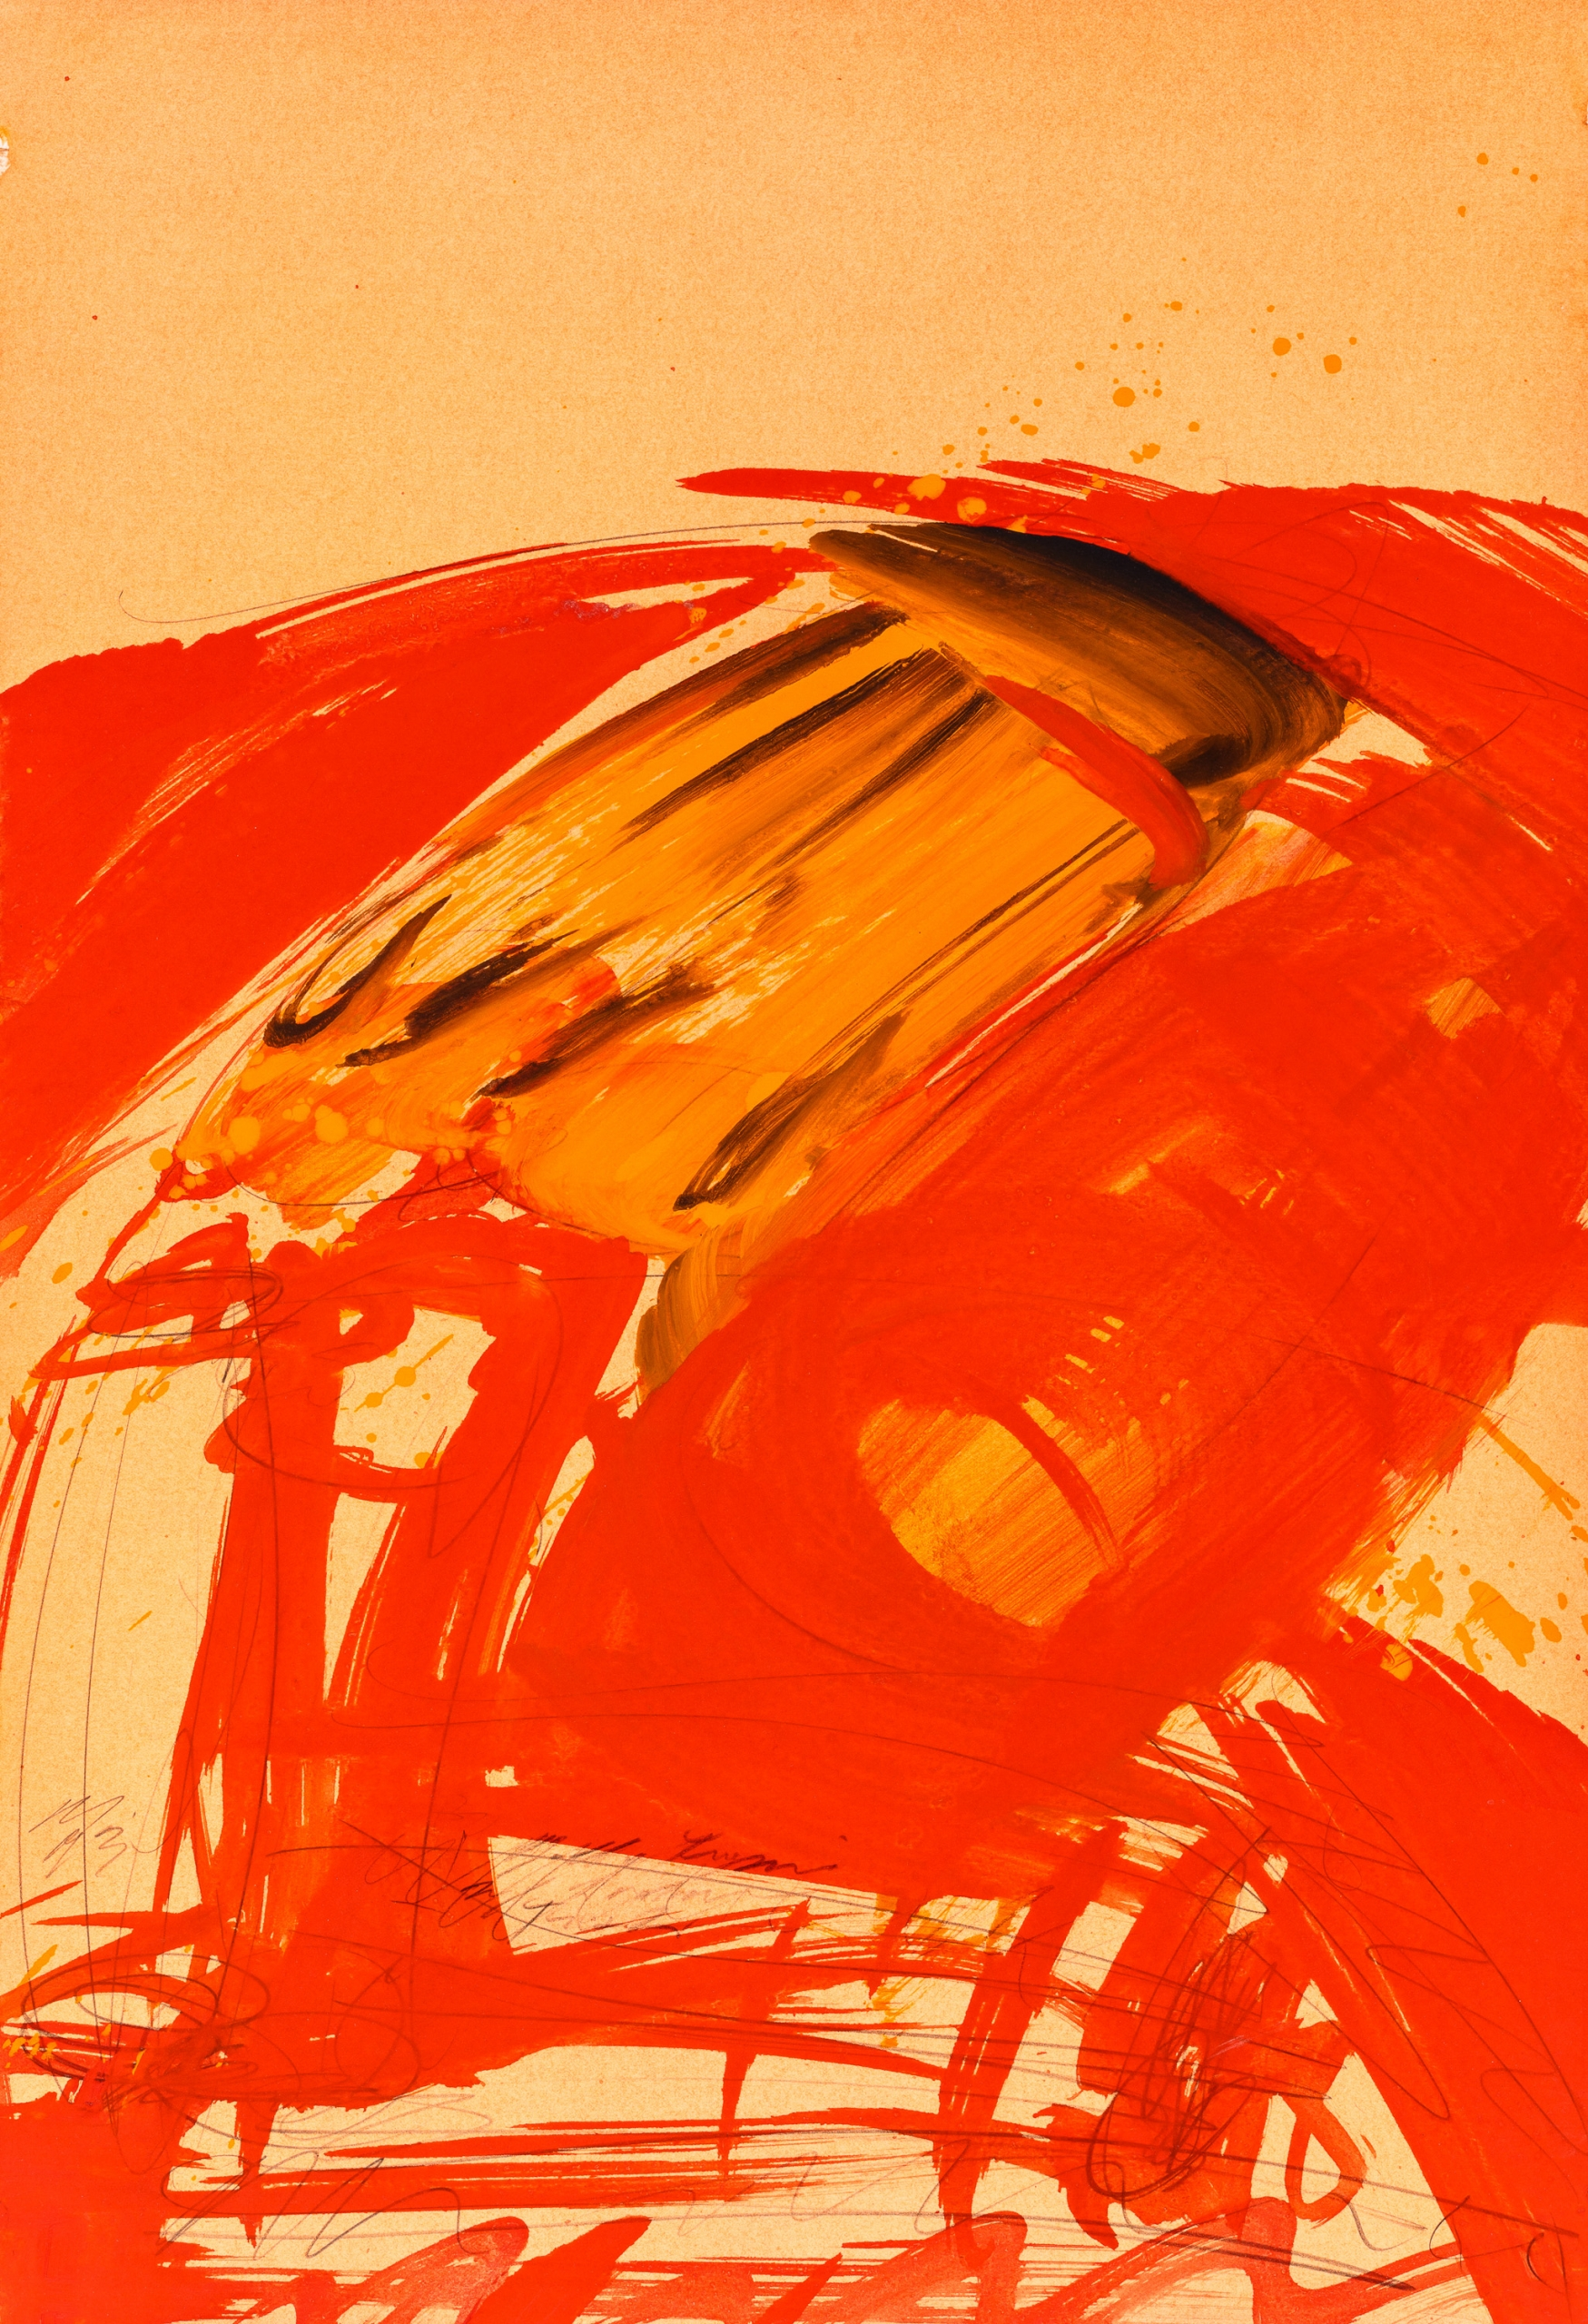 Josef Mikl, Gelbe Figur auf einem roten Tisch